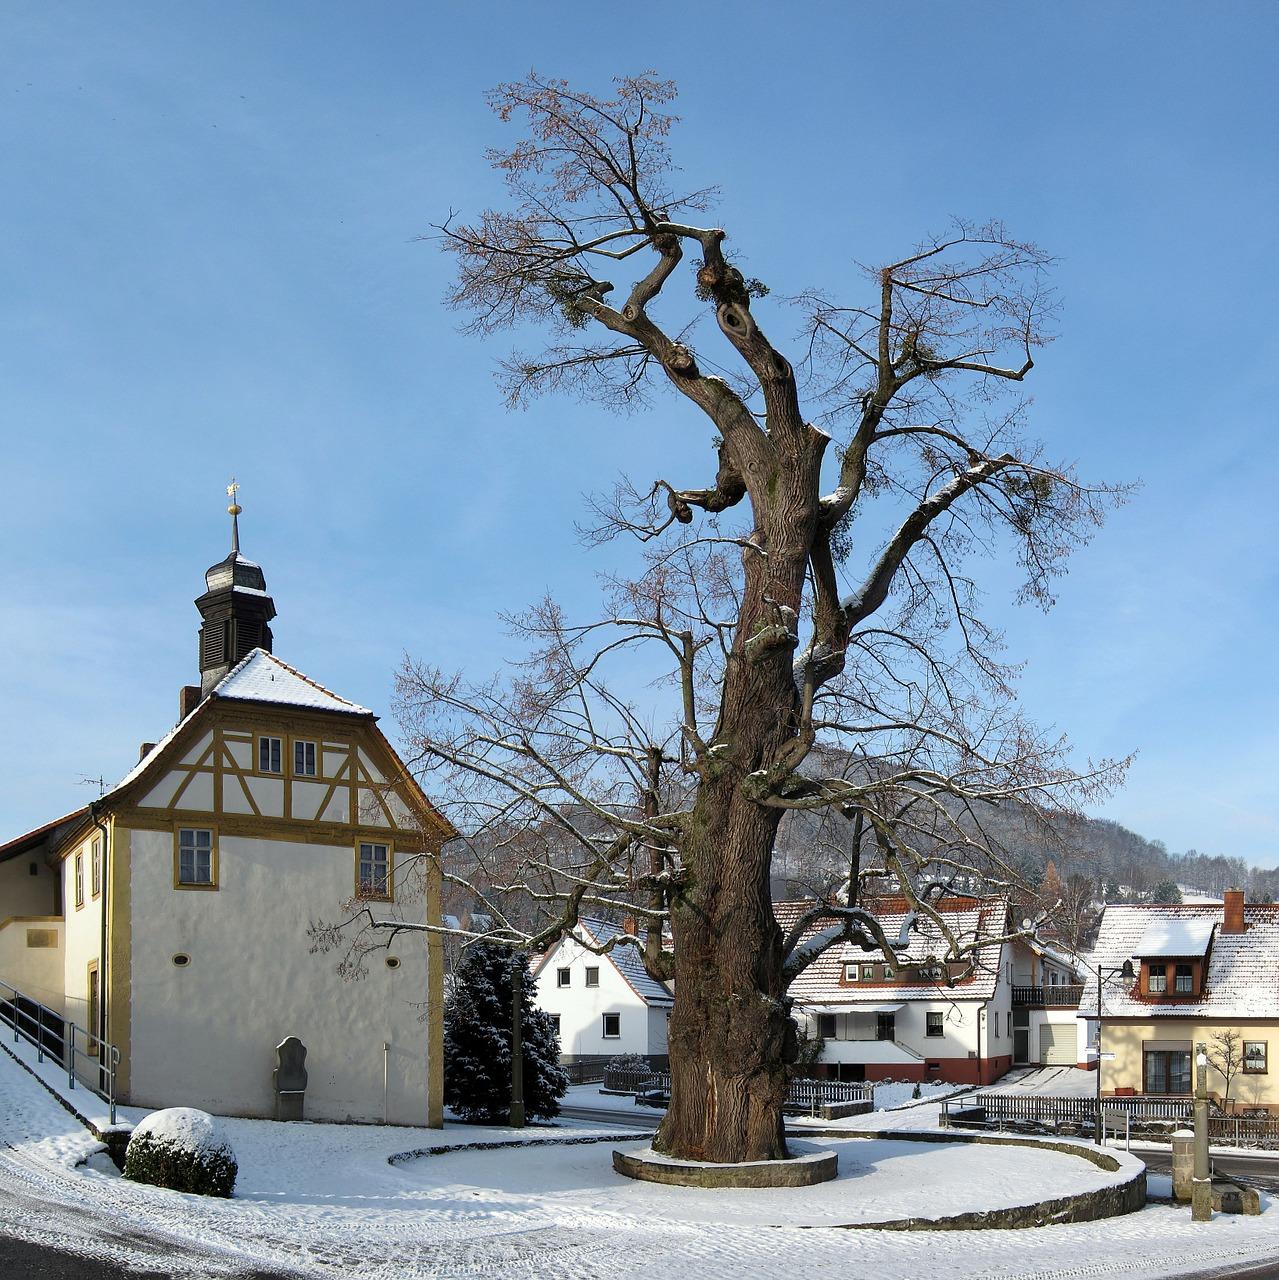 красивая деревня зимой фото 4